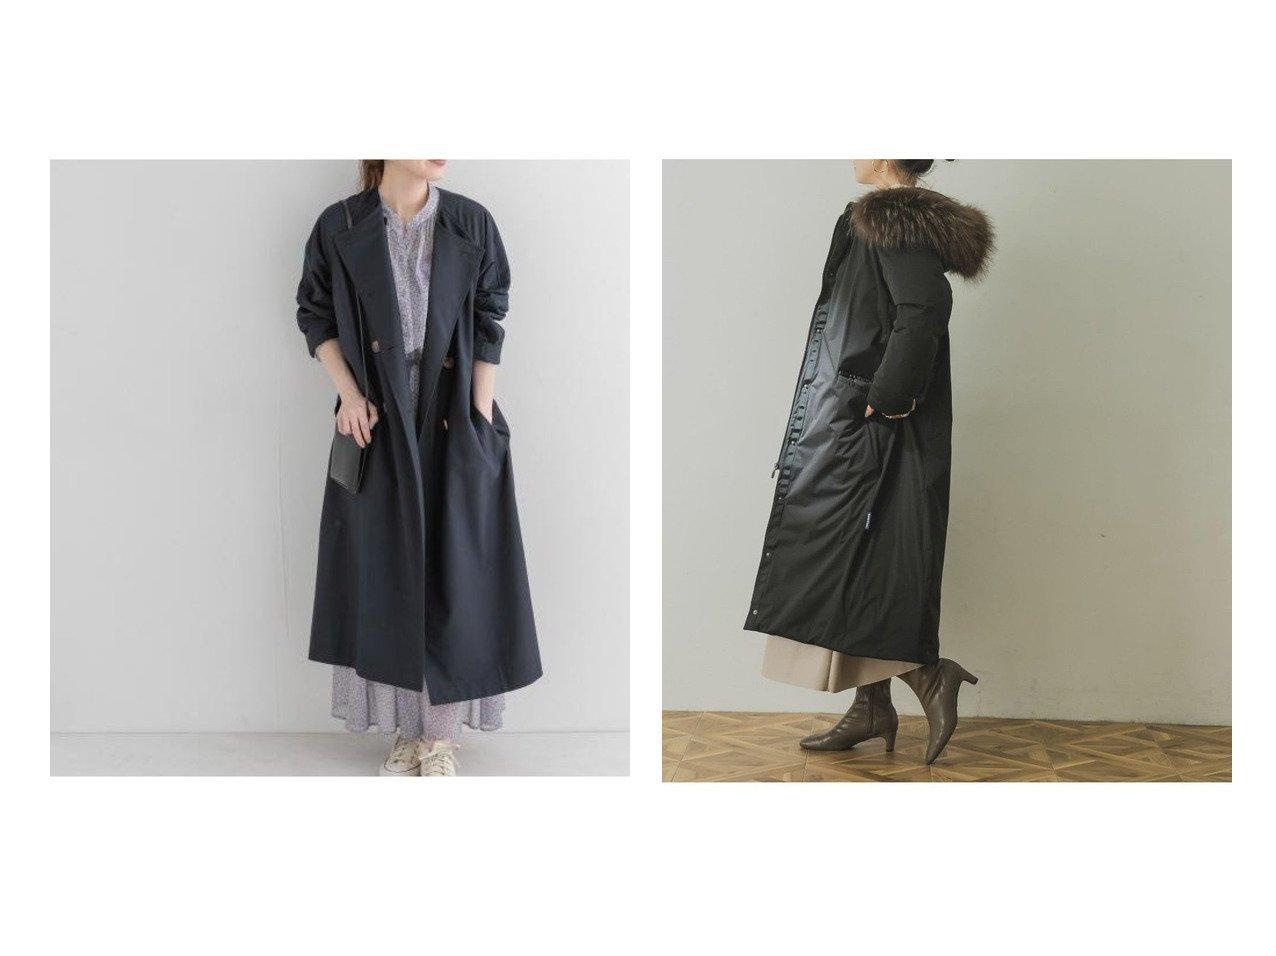 【URBAN RESEARCH/アーバンリサーチ】のYOSOOU Fur Hood Long Coat&【Sonny Label / URBAN RESEARCH/サニーレーベル】のノーカラートレンチコート アウターのおすすめ!人気、トレンド・レディースファッションの通販 おすすめで人気の流行・トレンド、ファッションの通販商品 メンズファッション・キッズファッション・インテリア・家具・レディースファッション・服の通販 founy(ファニー) https://founy.com/ ファッション Fashion レディースファッション WOMEN アウター Coat Outerwear コート Coats トレンチコート Trench Coats ジャケット Jackets NEW・新作・新着・新入荷 New Arrivals クラシカル スリット ダブル フレア ポケット ロング ジャケット スタイリッシュ スタンダード ダウン |ID:crp329100000023576